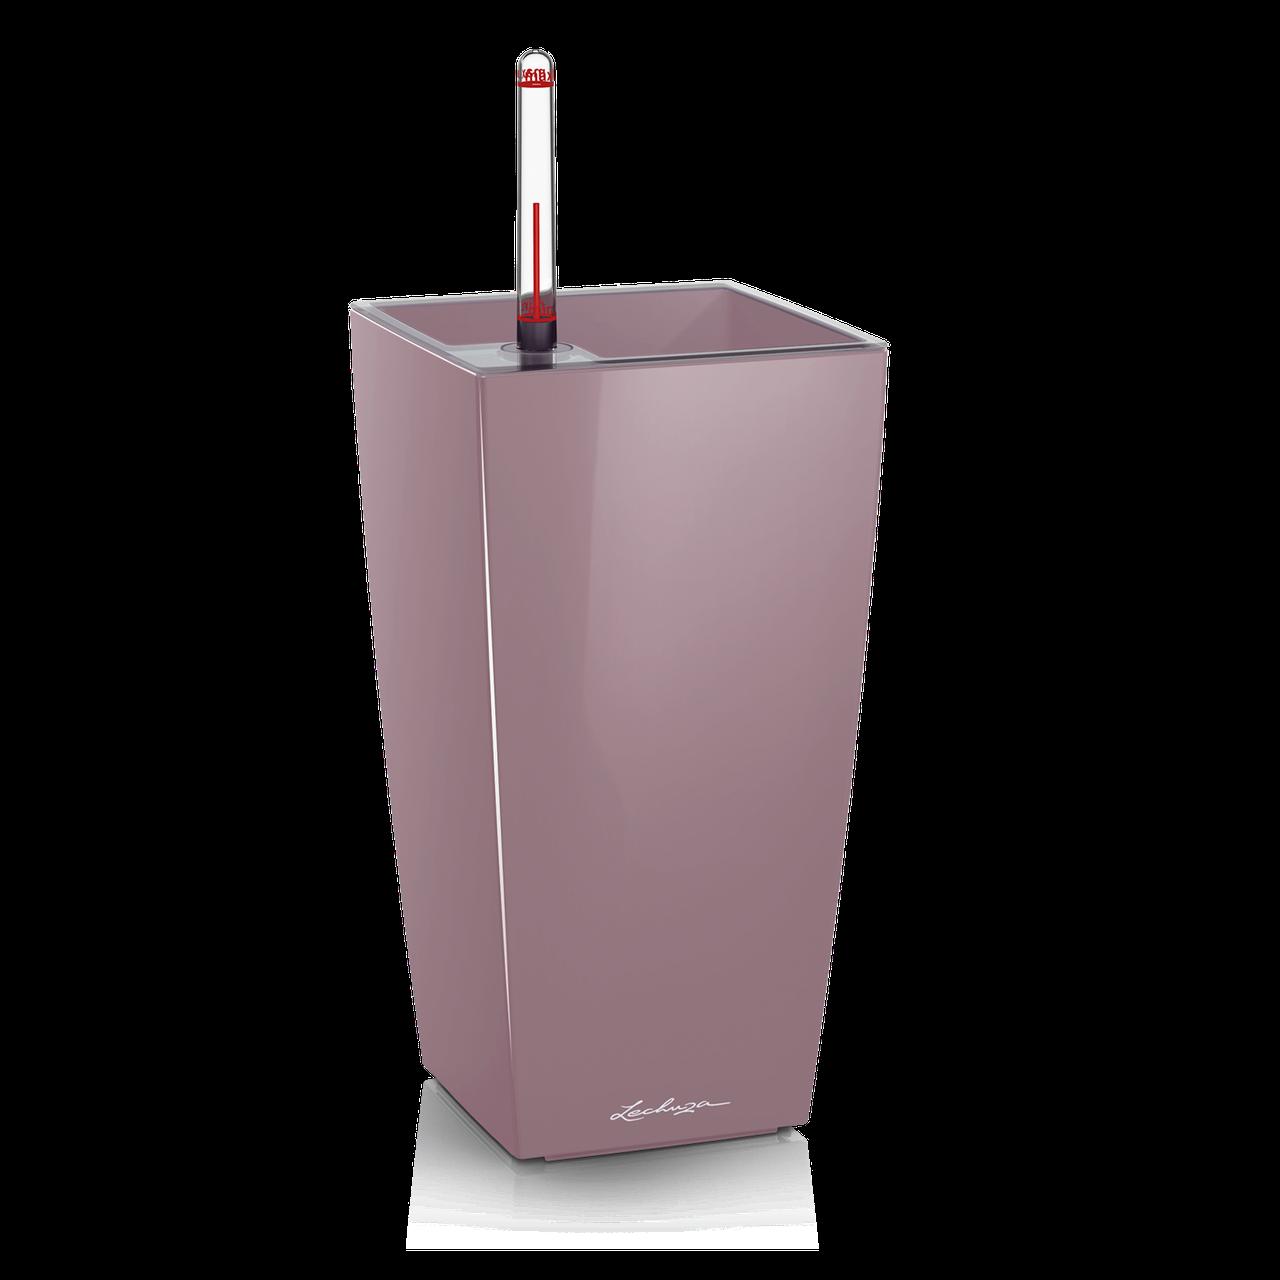 Вазон с кашпо и гидросистемой Maxi Cubico фиалковый